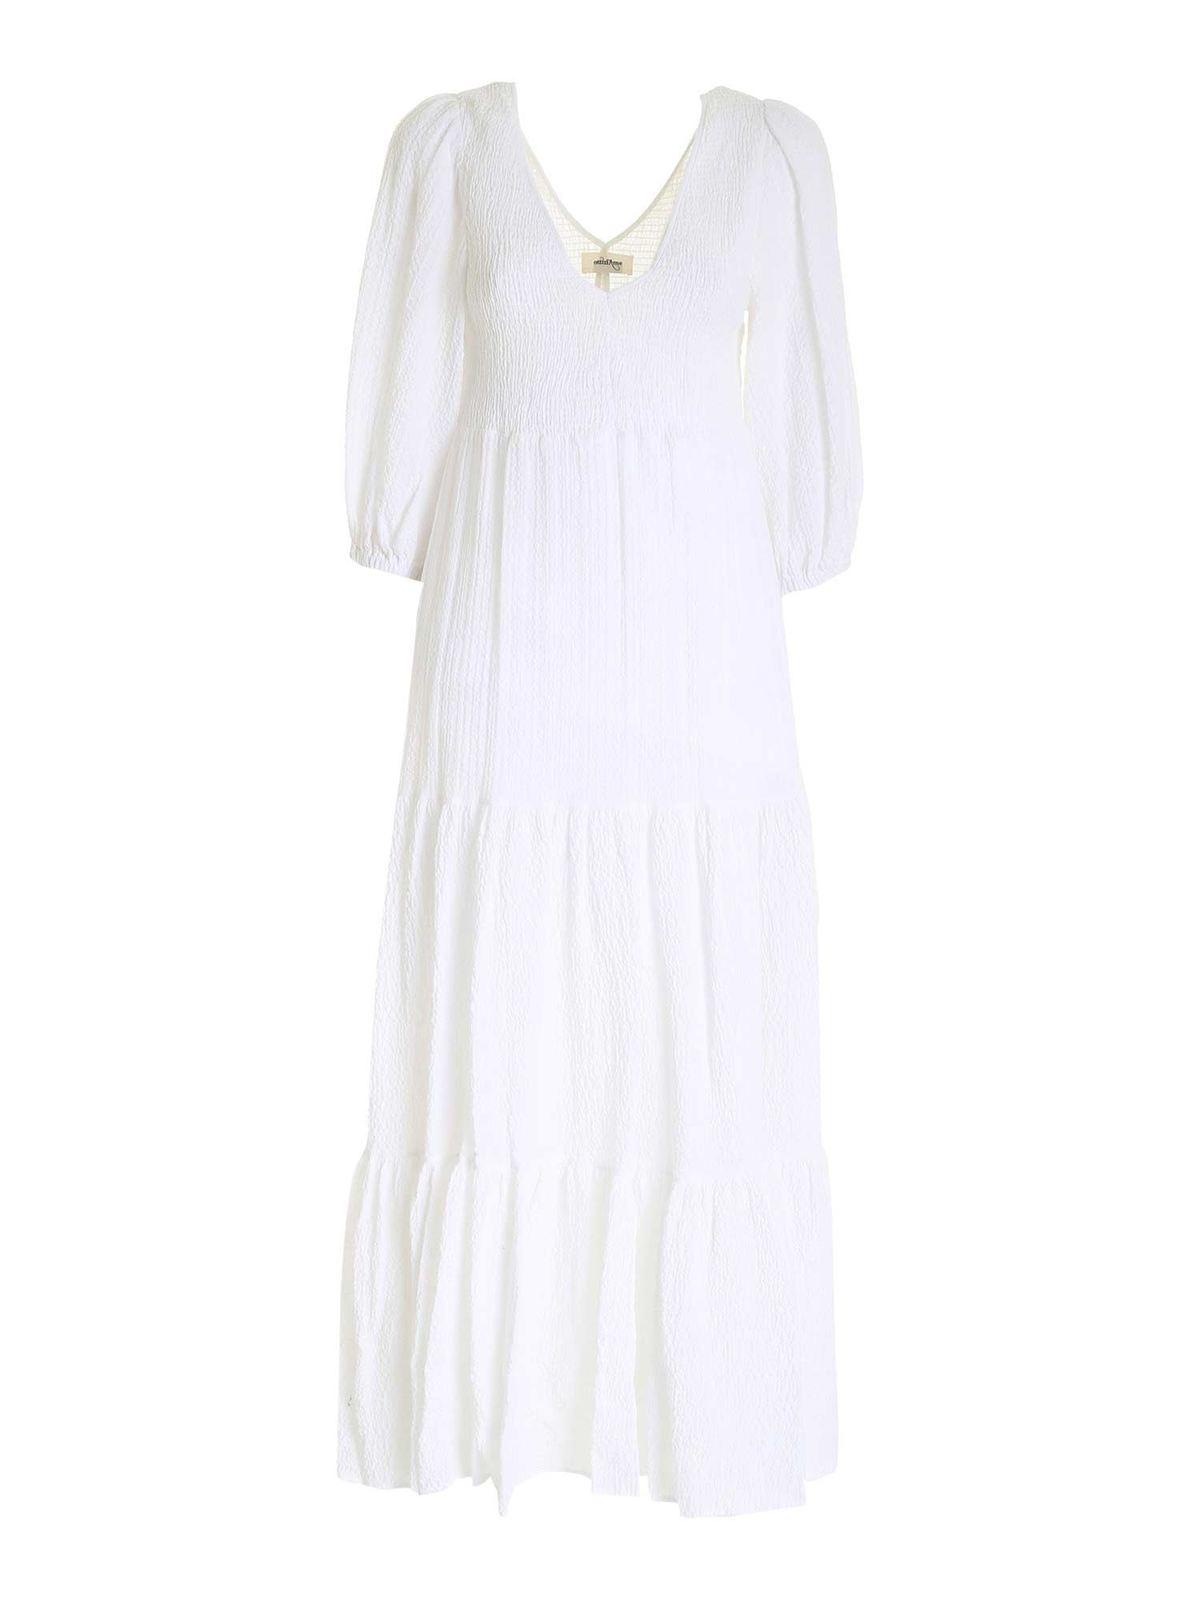 Ottod'ame SEERSUCKER DRESS IN WHITE